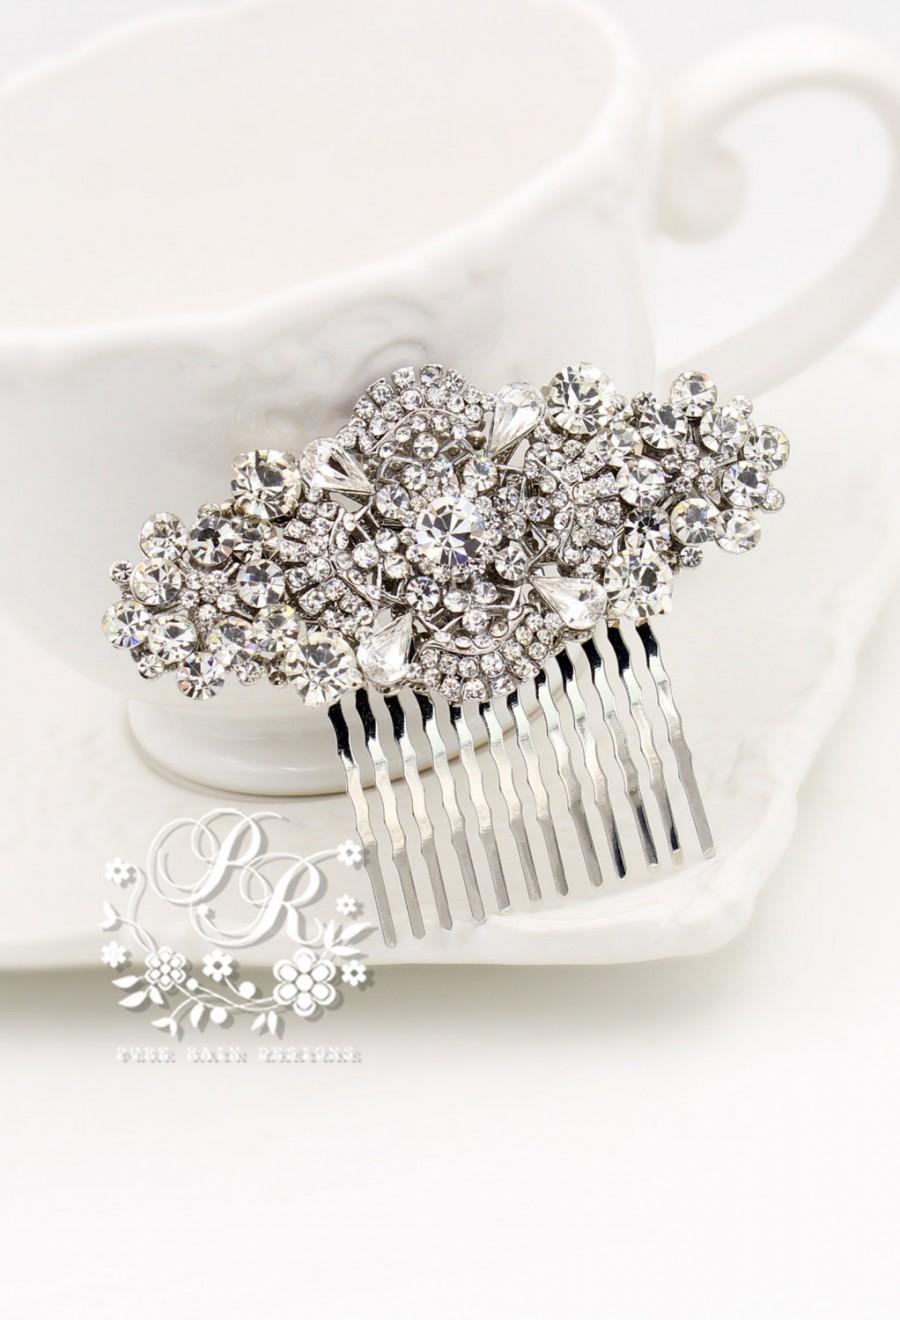 Wedding - Wedding Hair Comb Rhinestone Clear Crystal hair comb Bridal hair accessory Wedding Jewelry Bridal Jewelry Wedding Accessory meteor